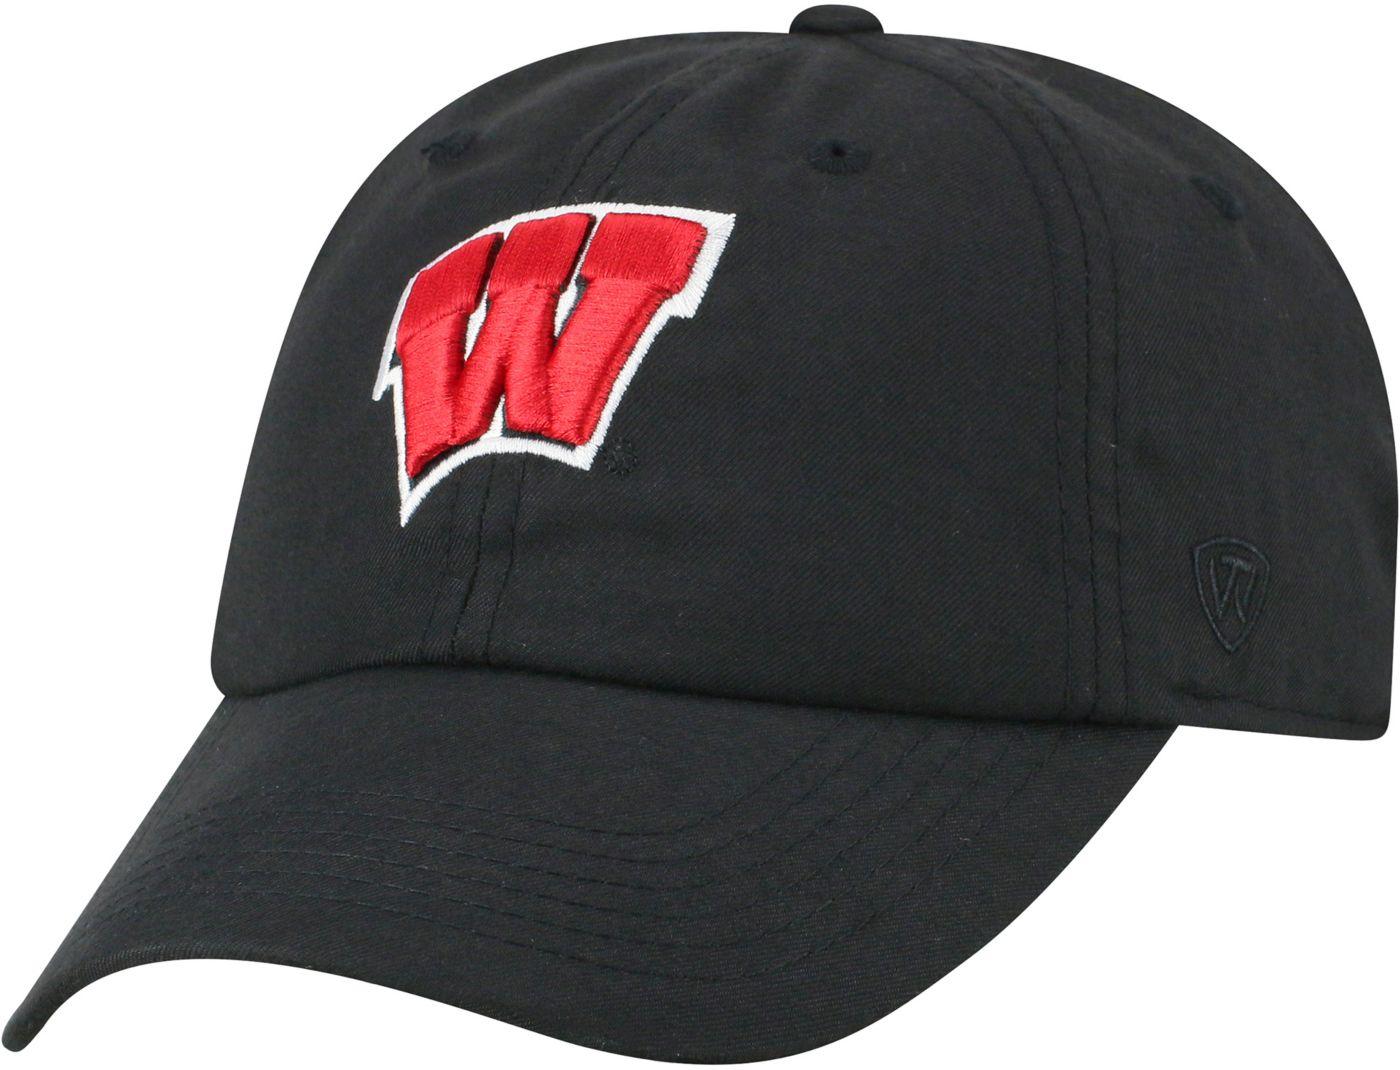 Top of the World Men's Wisconsin Badgers Staple Adjustable Black Hat